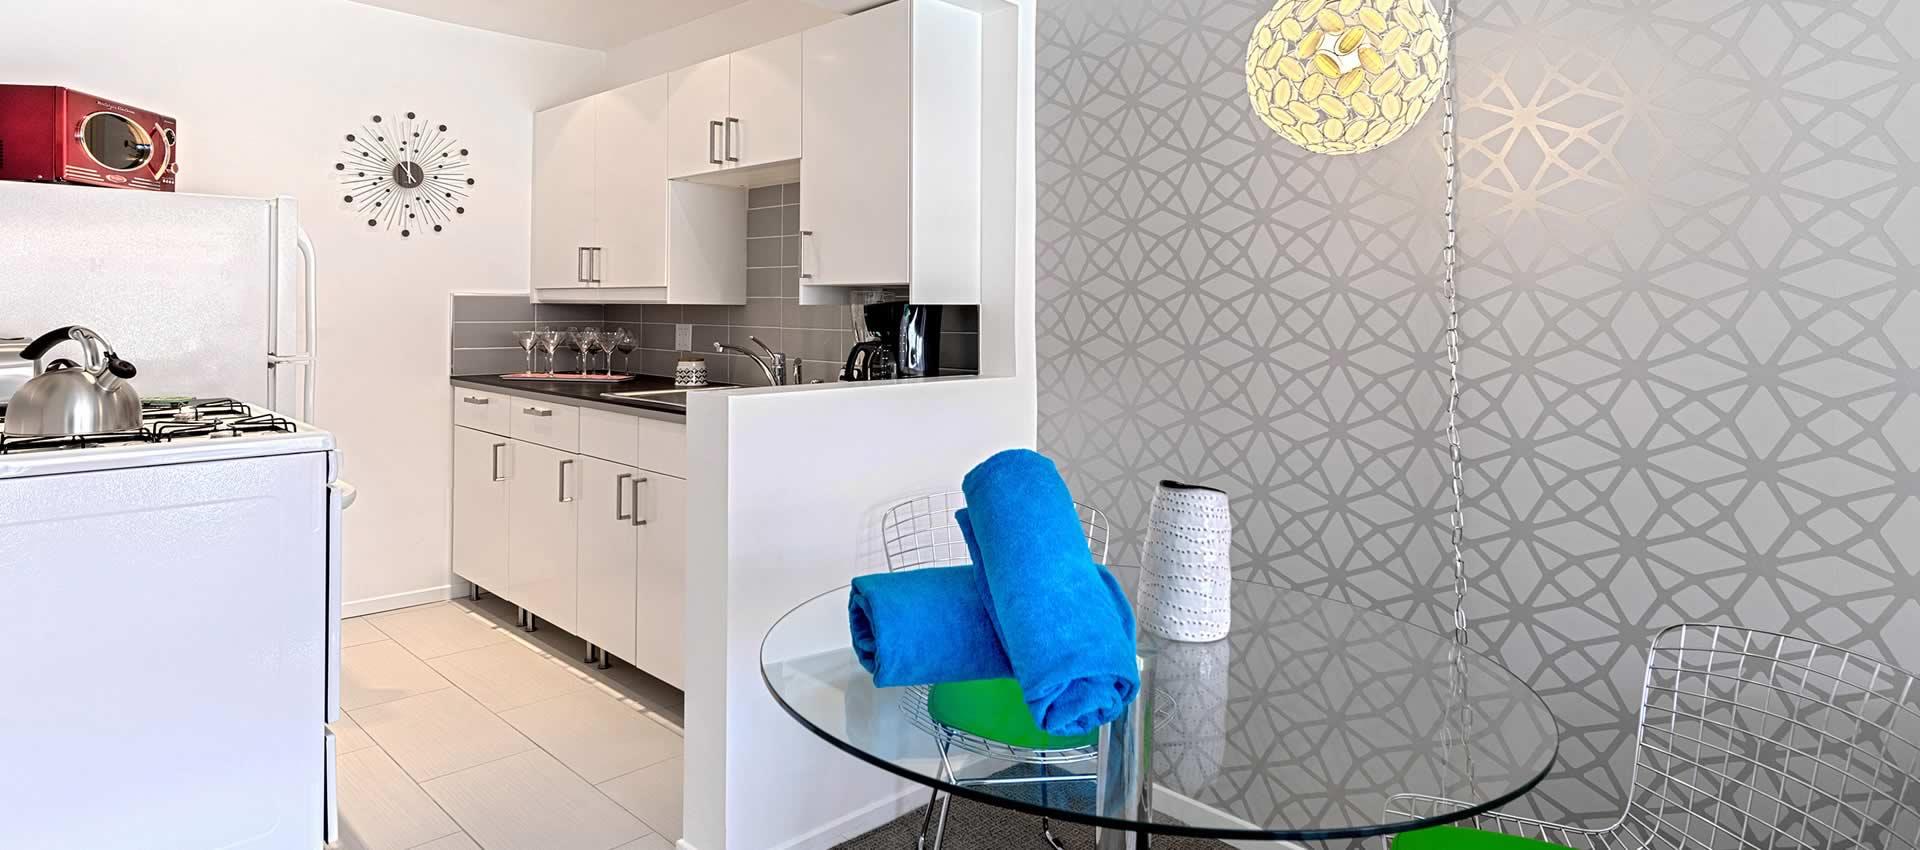 twist-hotel-room216-diningroom